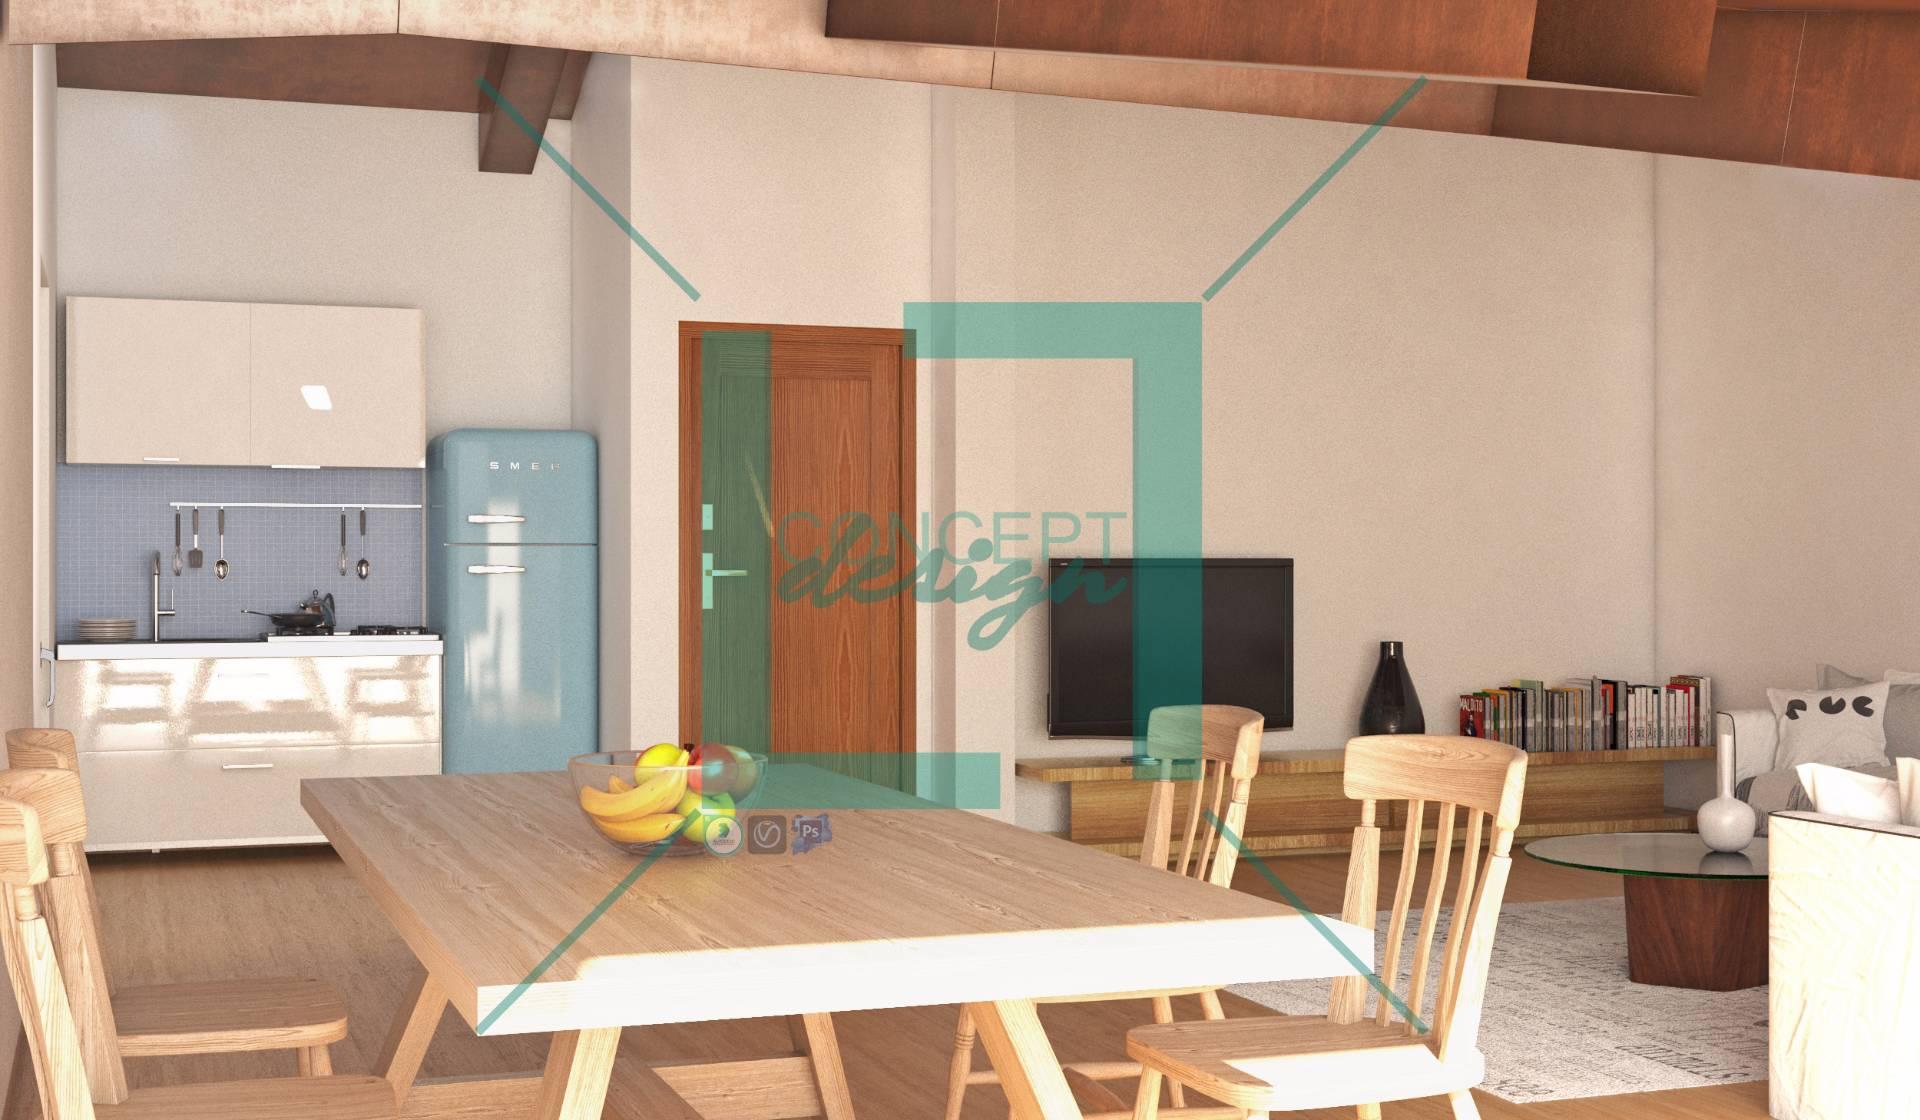 Appartamento in vendita a Valdidentro, 2 locali, zona Zona: Pedenosso, Trattative riservate | CambioCasa.it